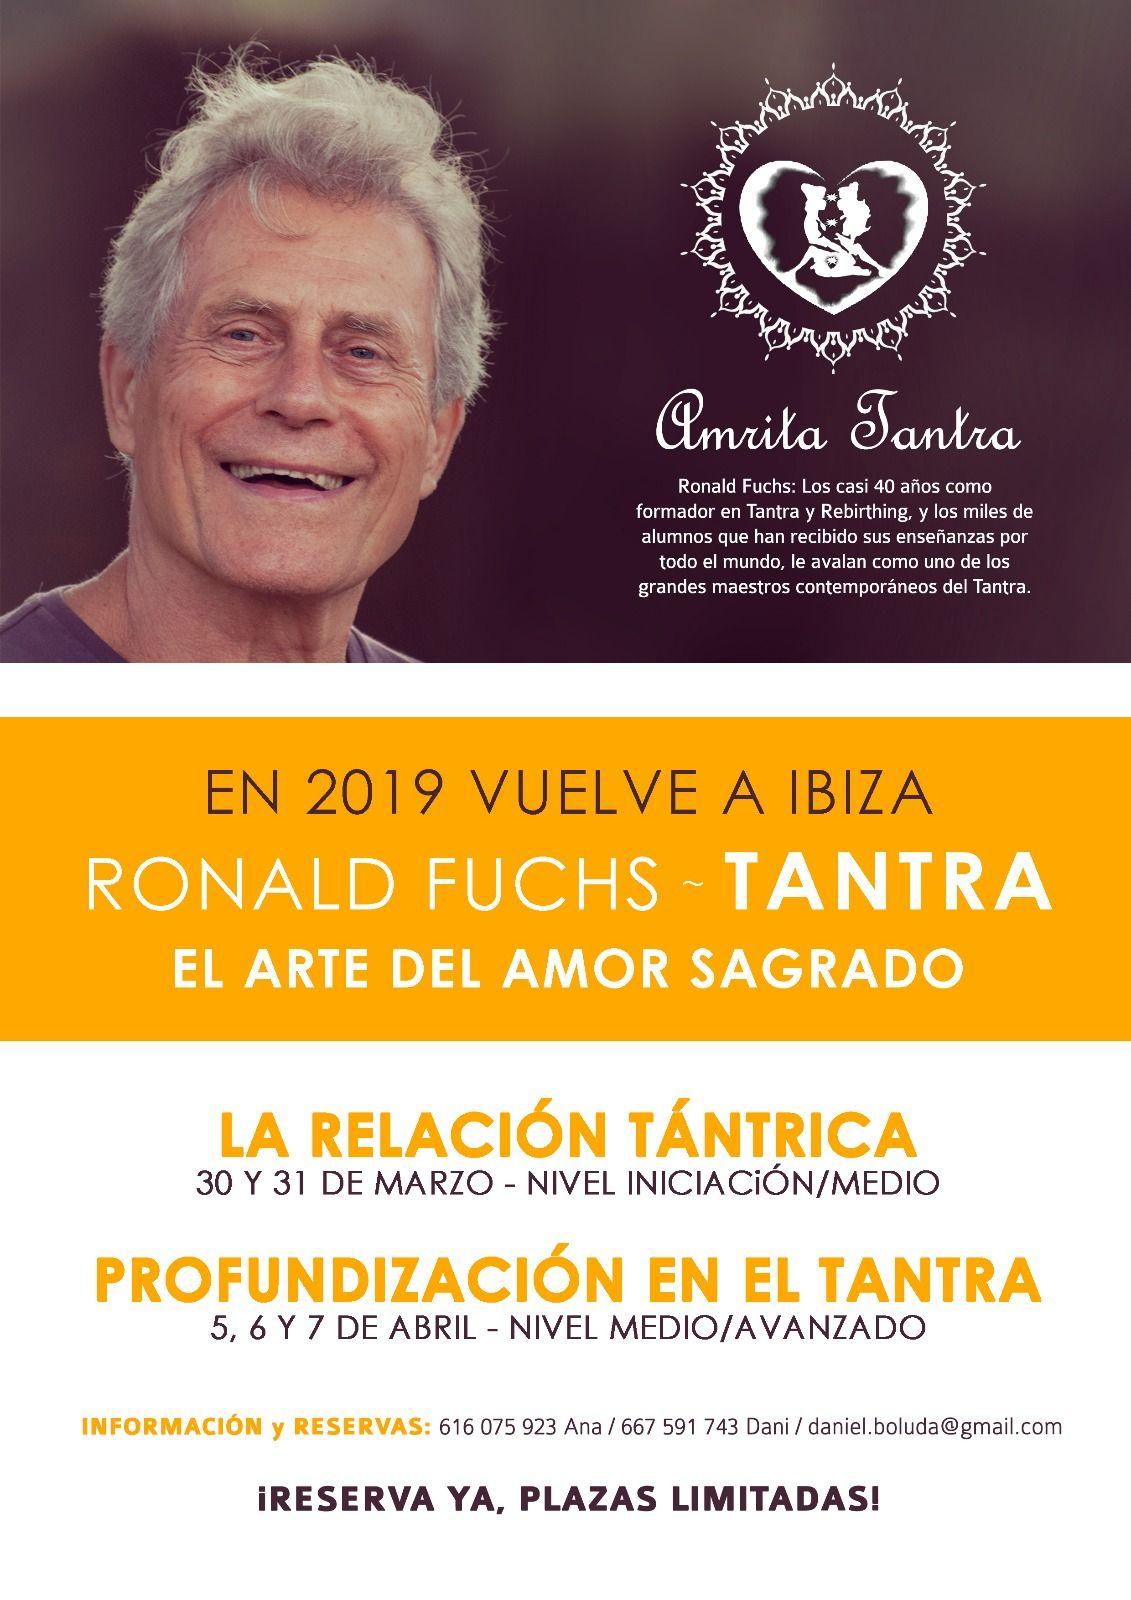 Curso de Tantra 30 y 31 de Marzo en Ibiza